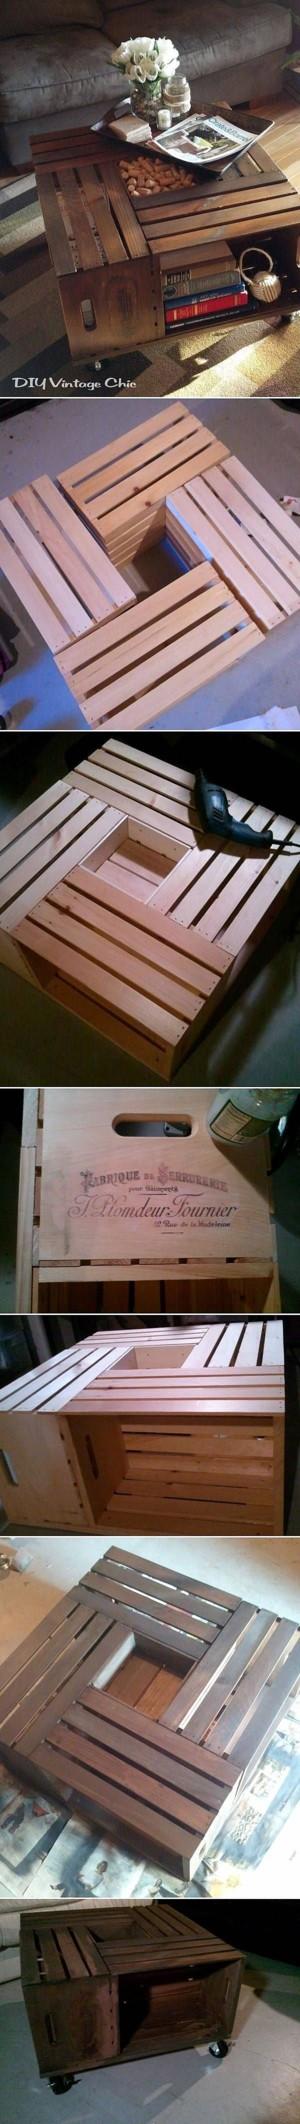 Журнальный столик из ящиков